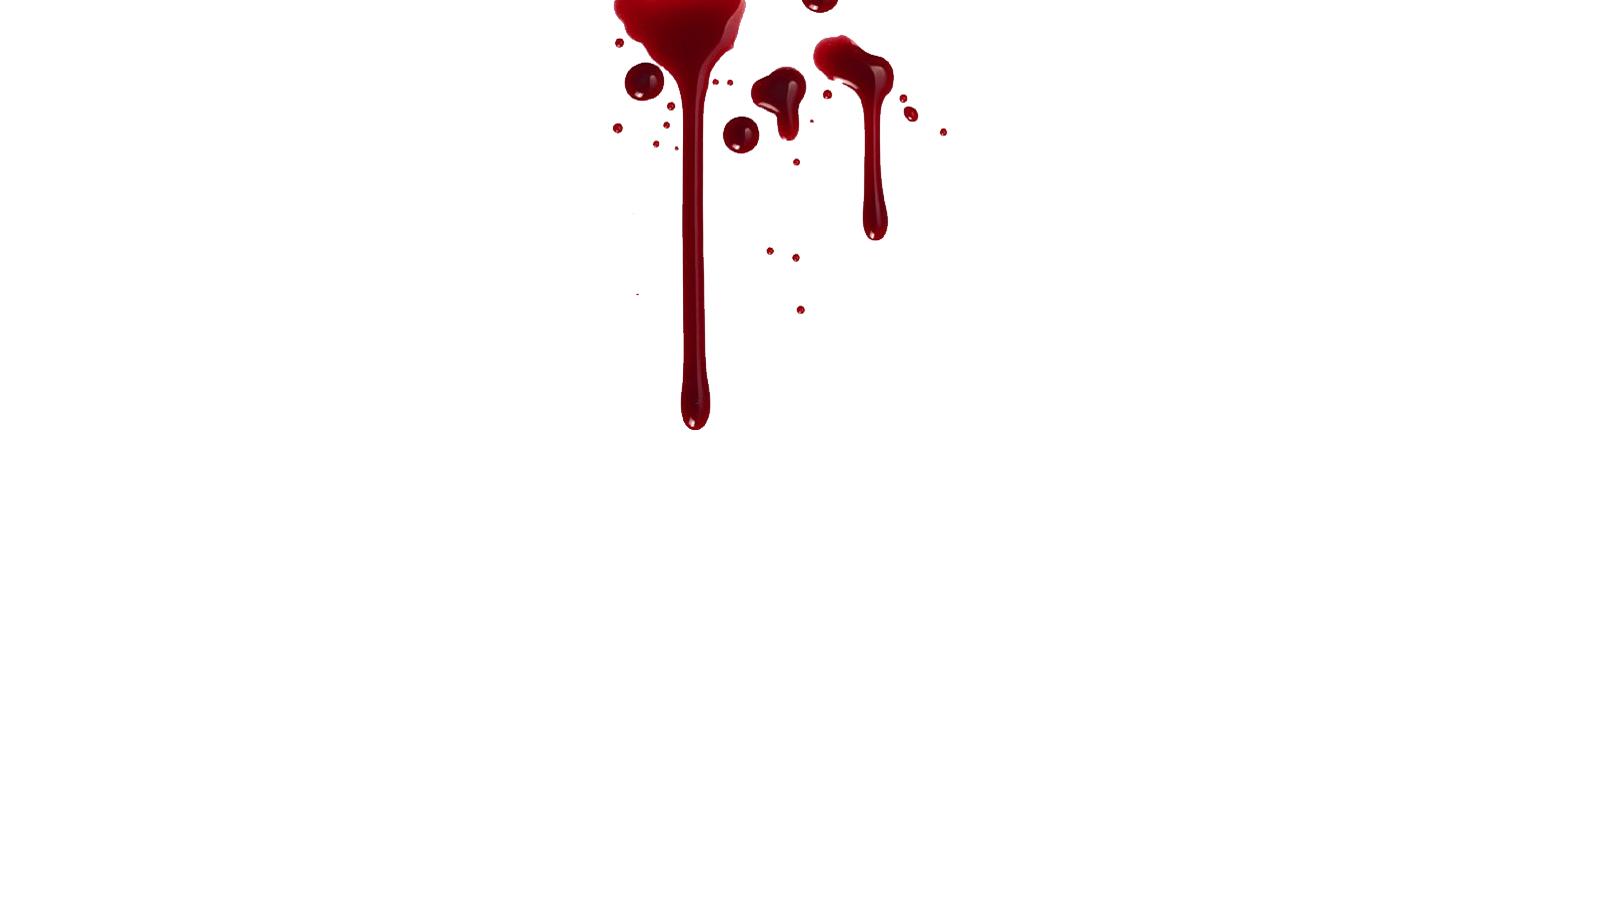 1600x900 Dexter Blood Splatter Wallpaper Hd, Pc Dexter Blood Splatter